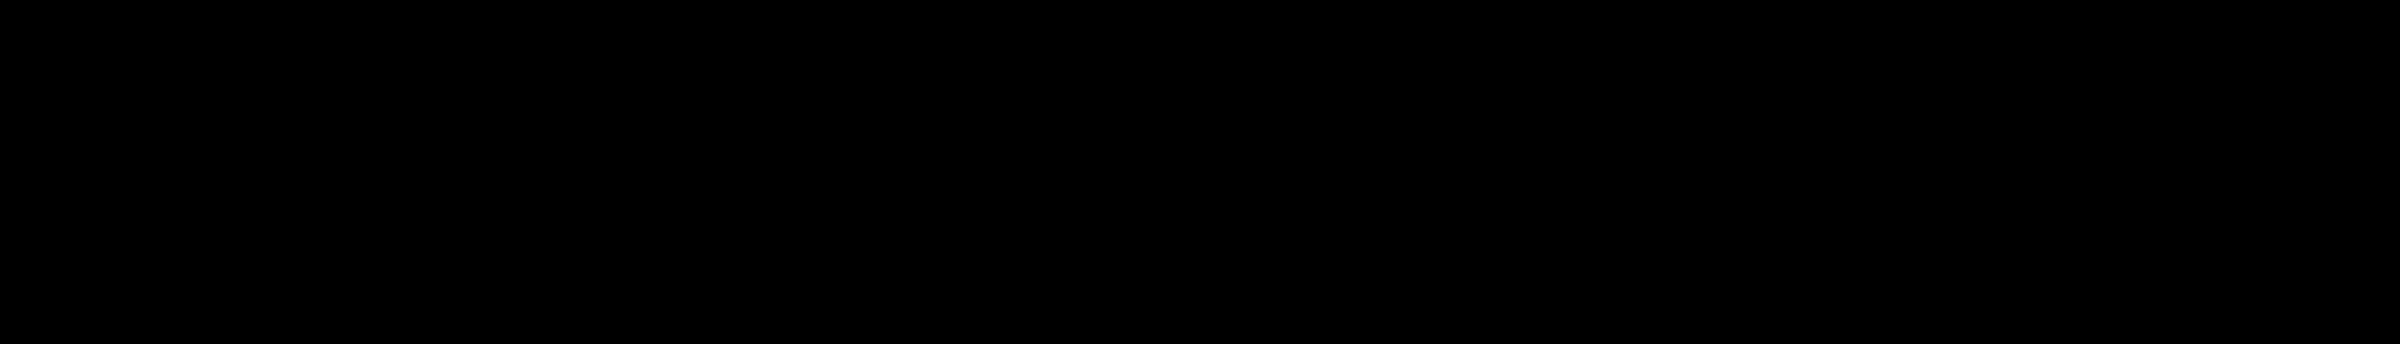 Garmin Brandlogo